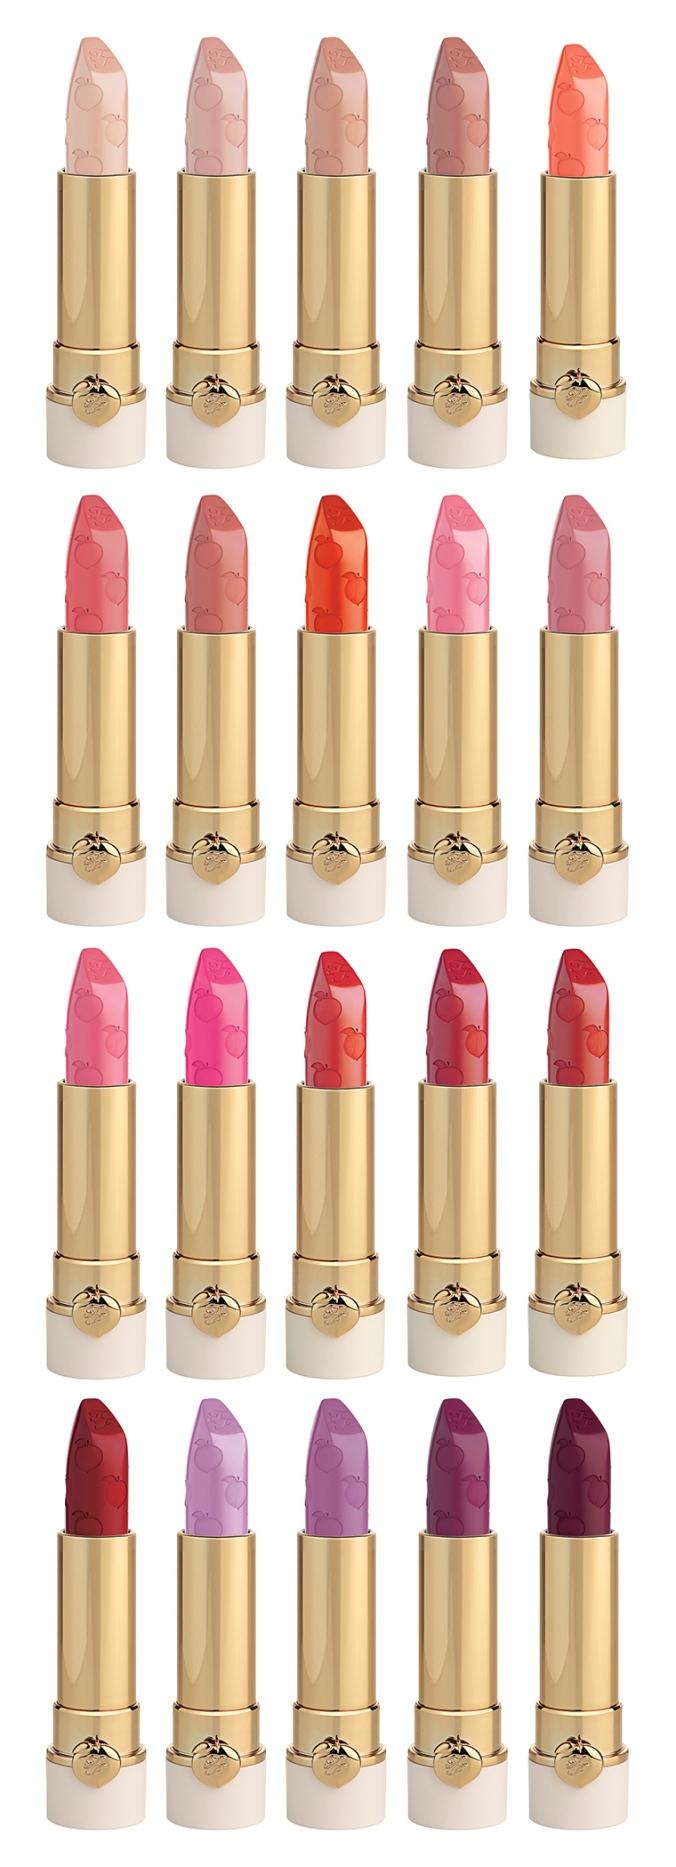 Too Faced Peach Kiss Lipstick Full Shades.jpg